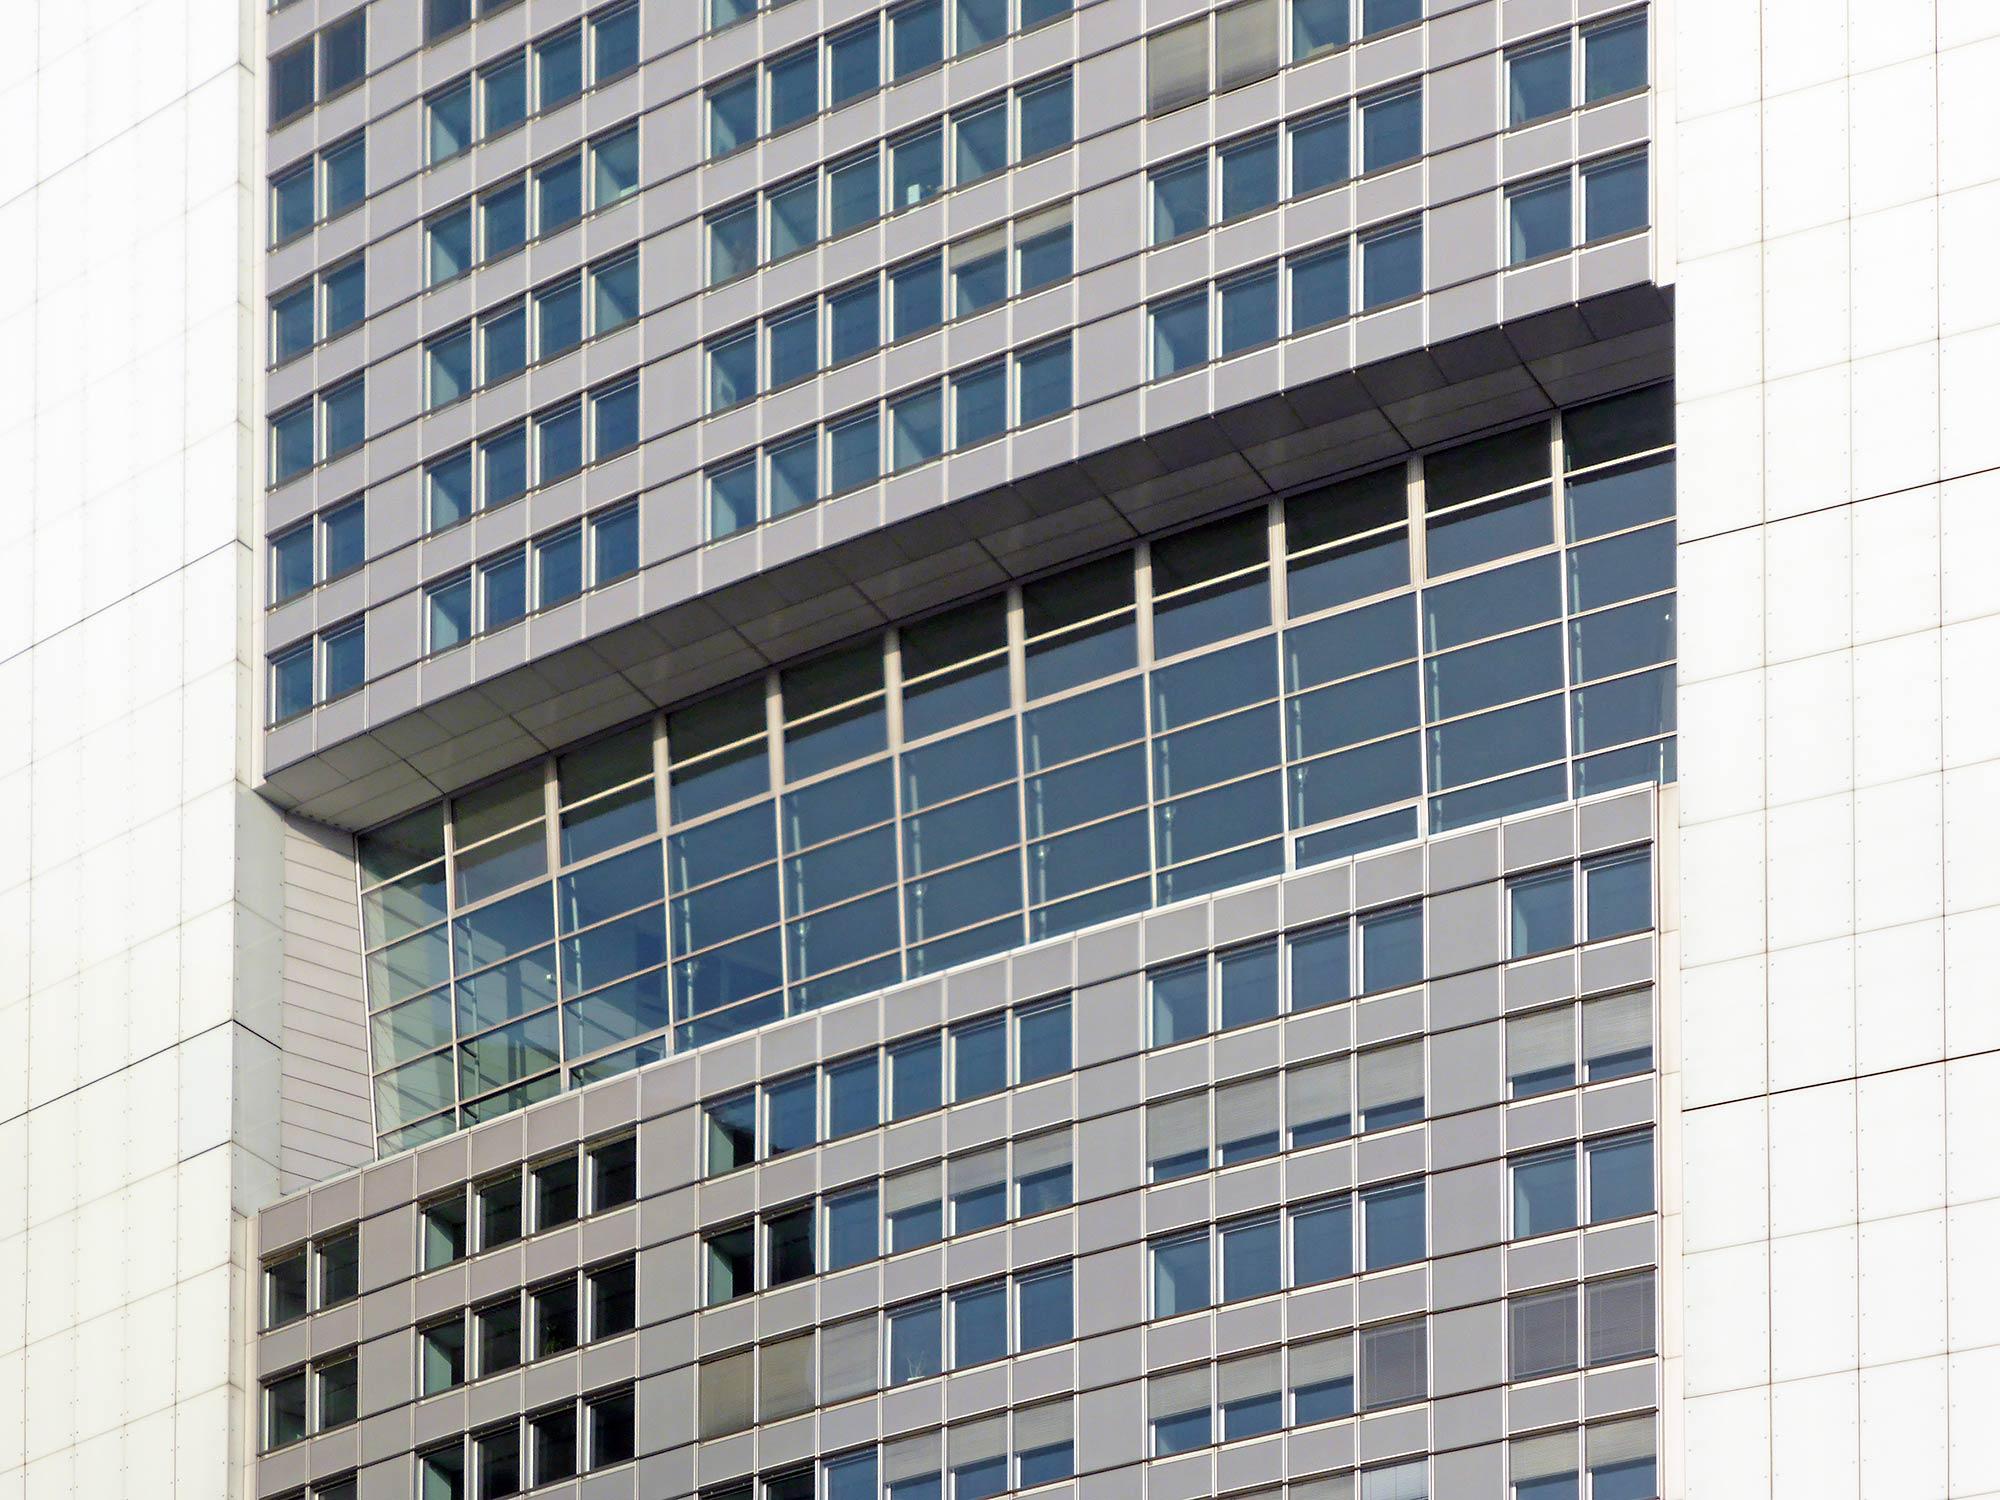 Hauptsitz der Commerzbank Aktiengesellschaft - Commerzbank Turm im Bankenviertel - Bürohochhaus Fassade - Wintergarten